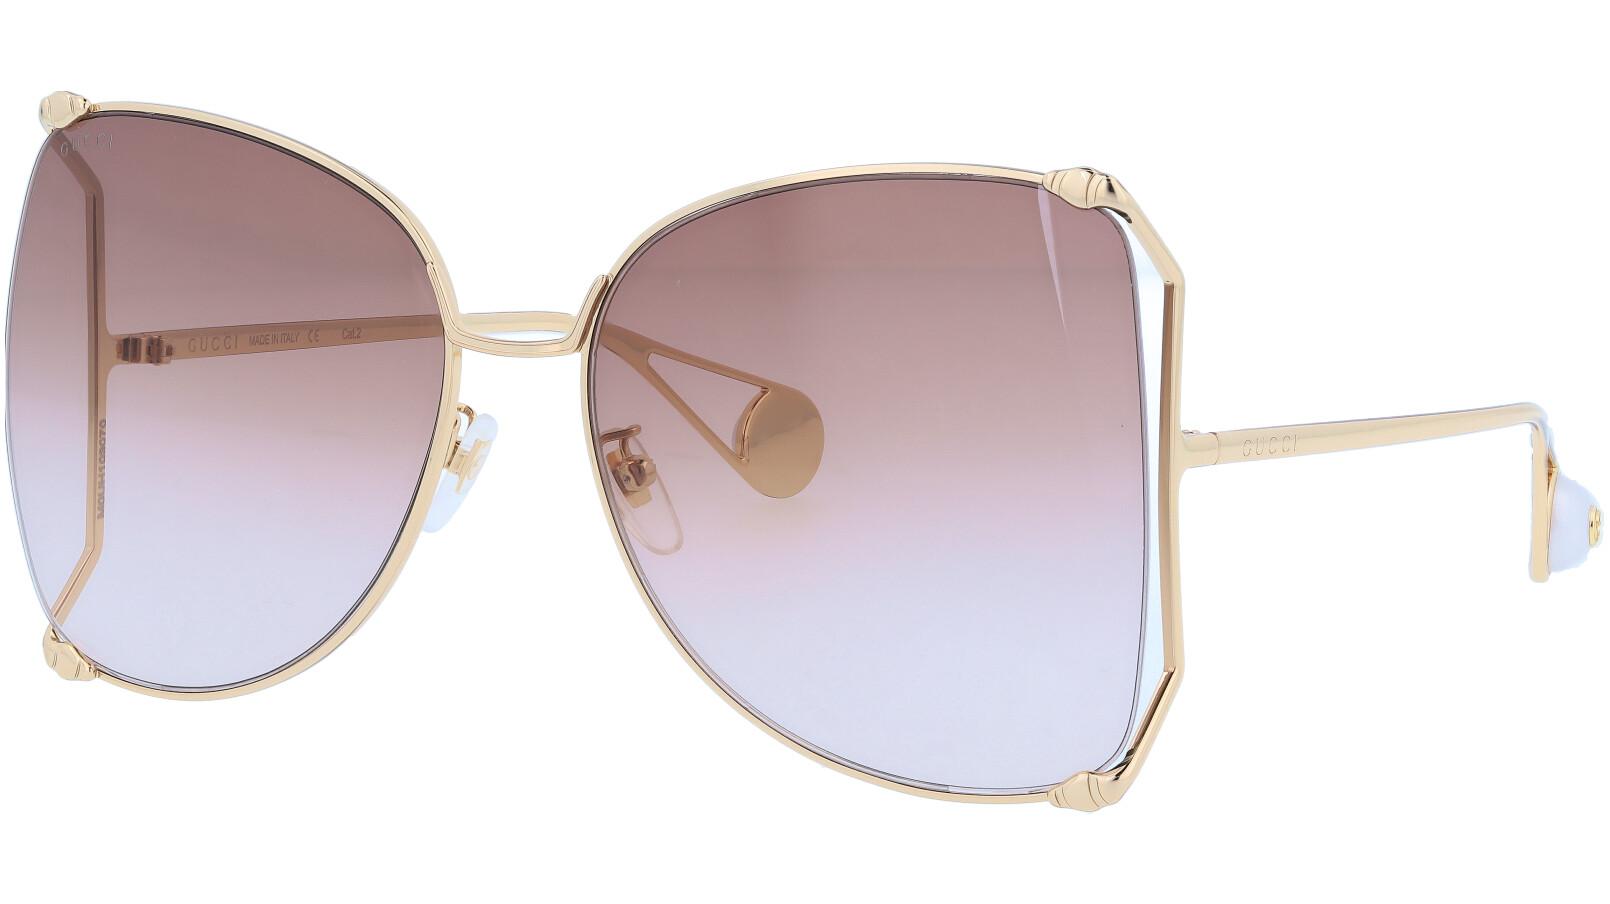 GUCCI GG0252S 002 63 GOLD Sunglasses